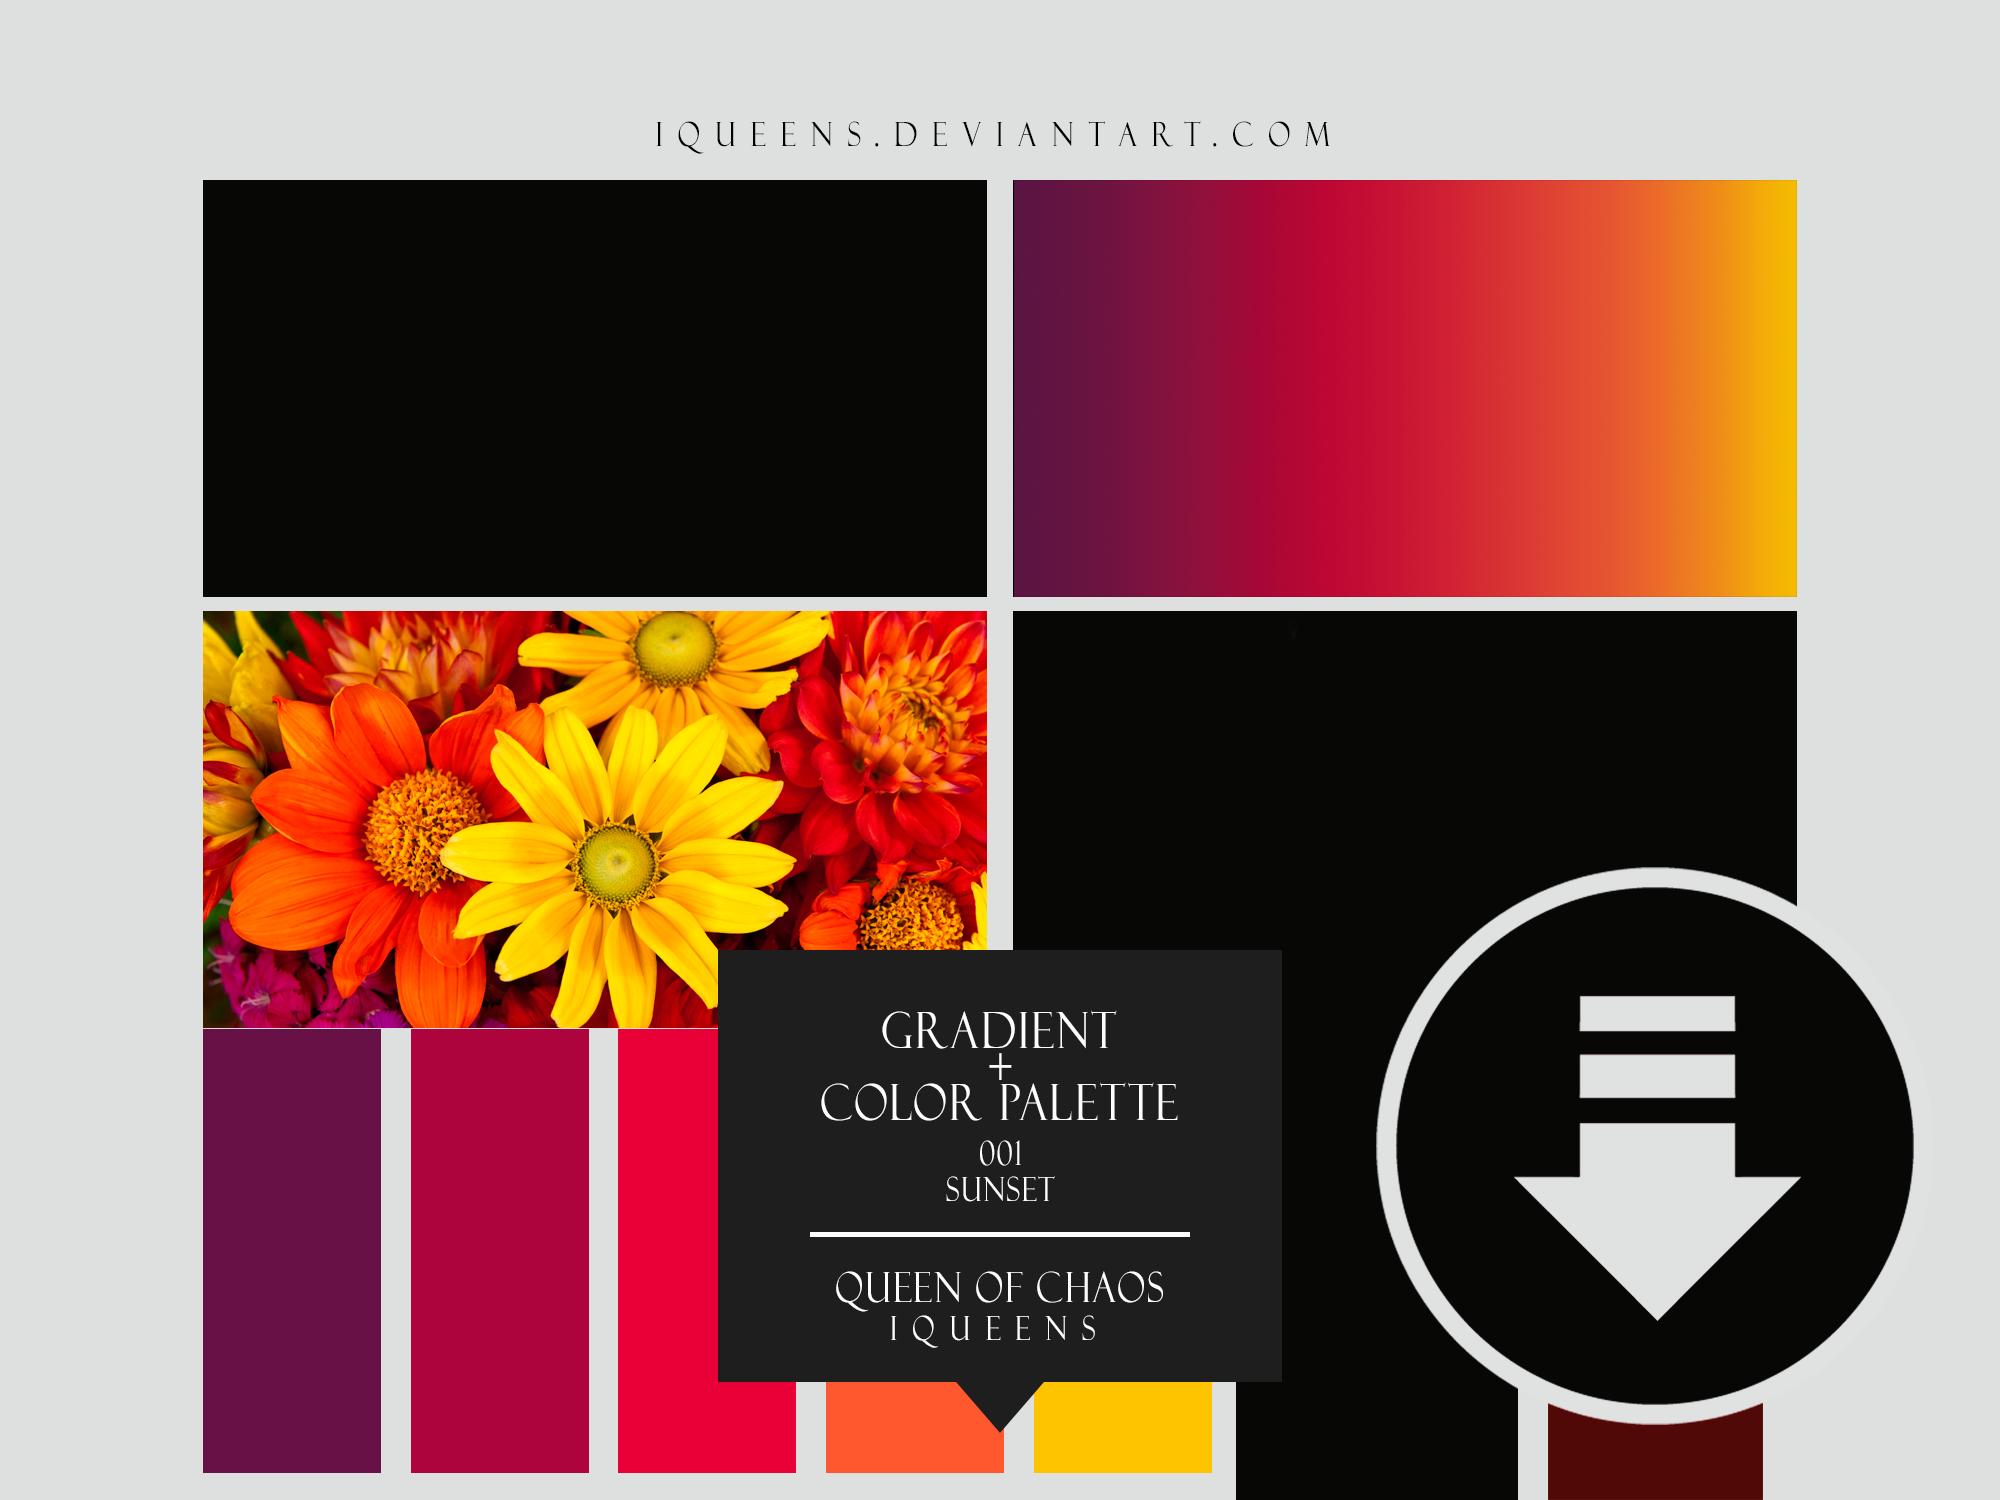 PS Gradient + Color Palette 001   Sunset